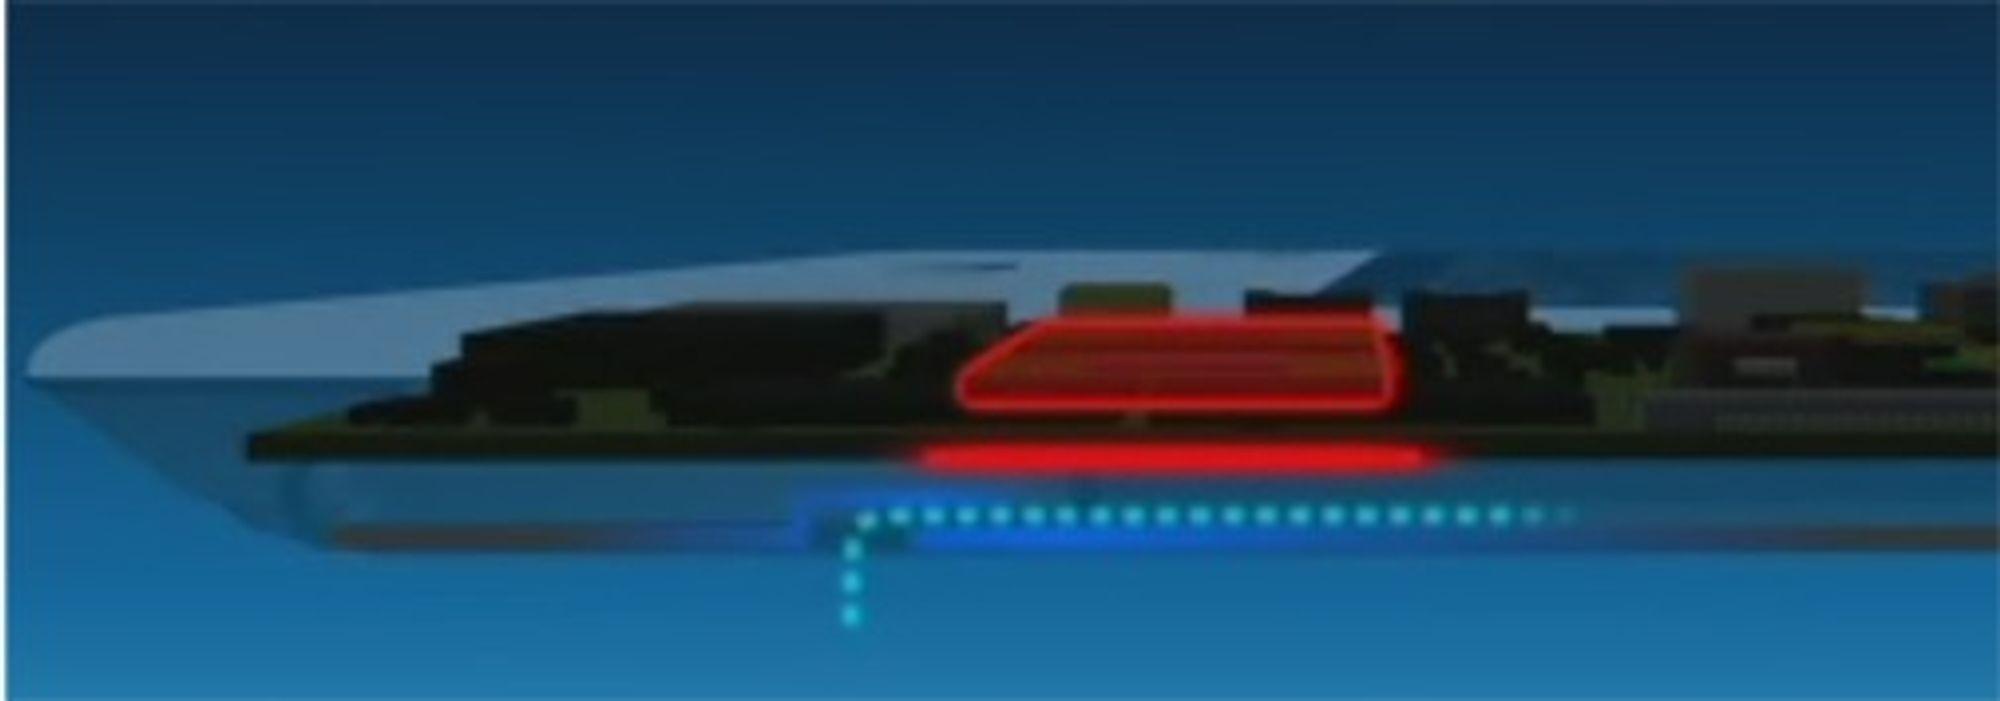 Bærbar PC hvor undersiden kjøles ved hjelp av laminære luftstrømmer.